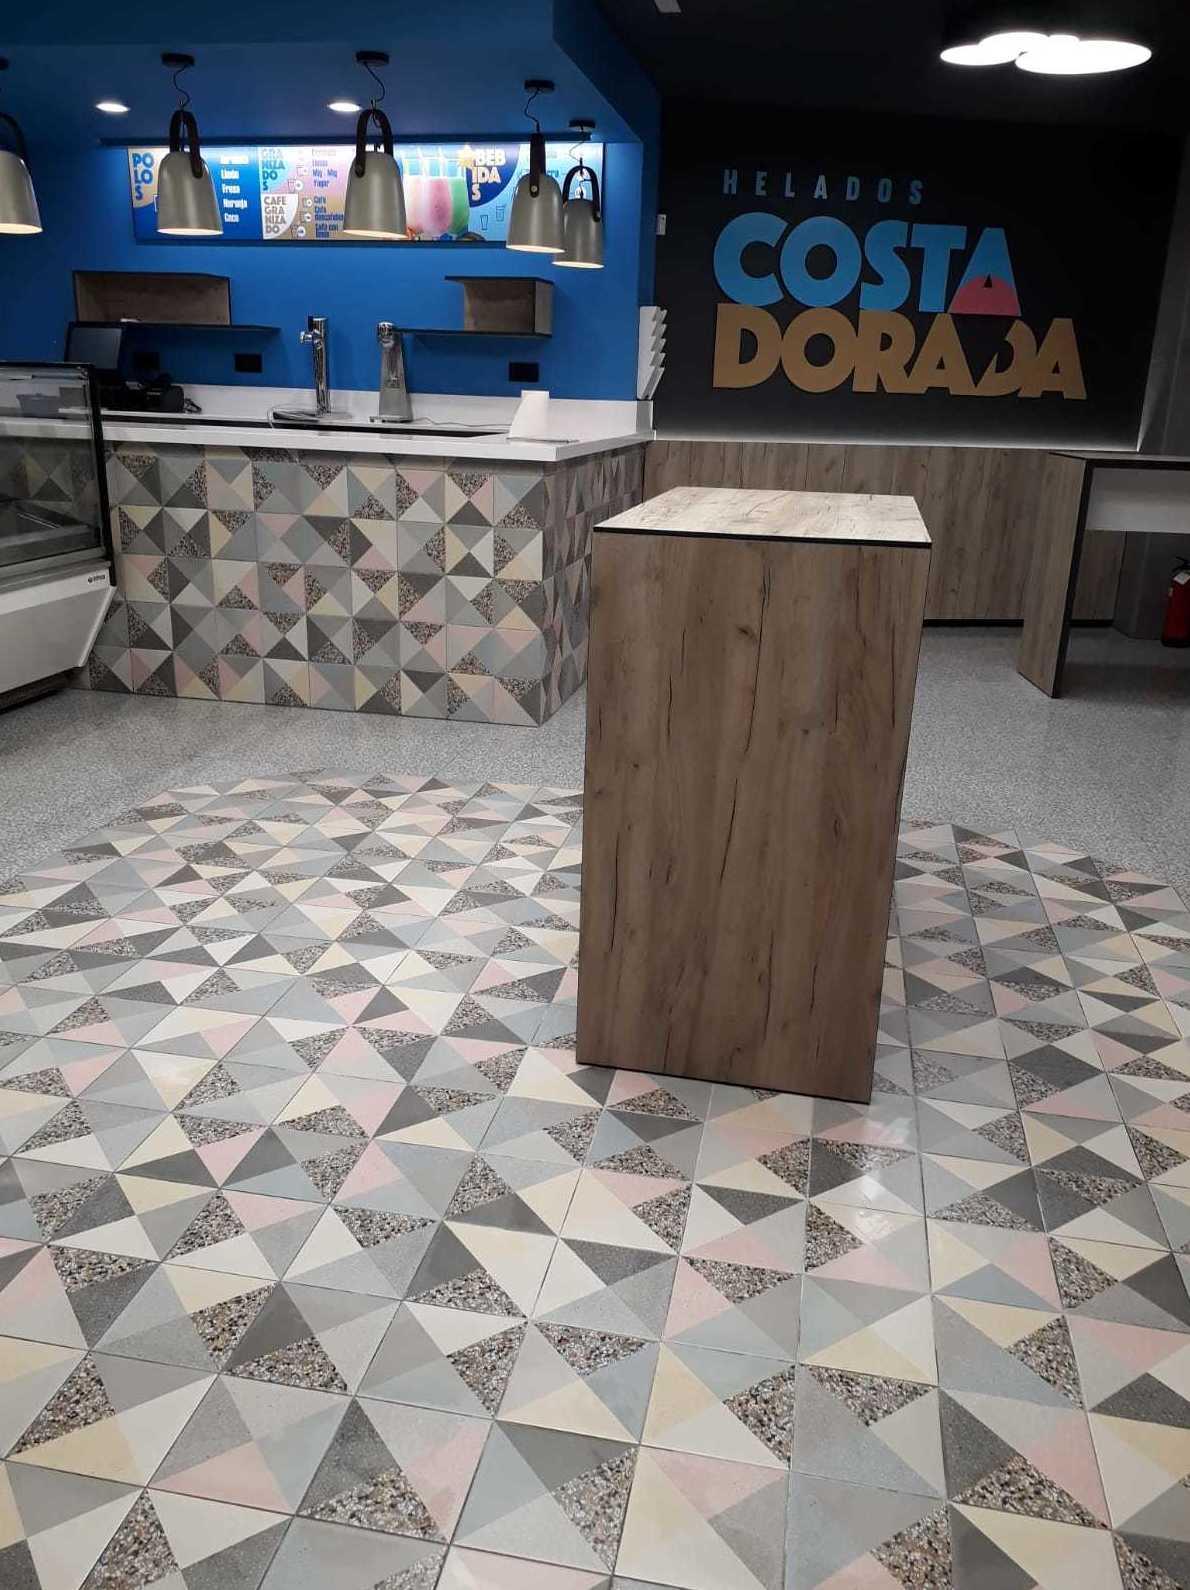 Heladeria Costa Dorada en Benicarló, con pavimento y revestimiento de la serie Dolce vita de VIVES,